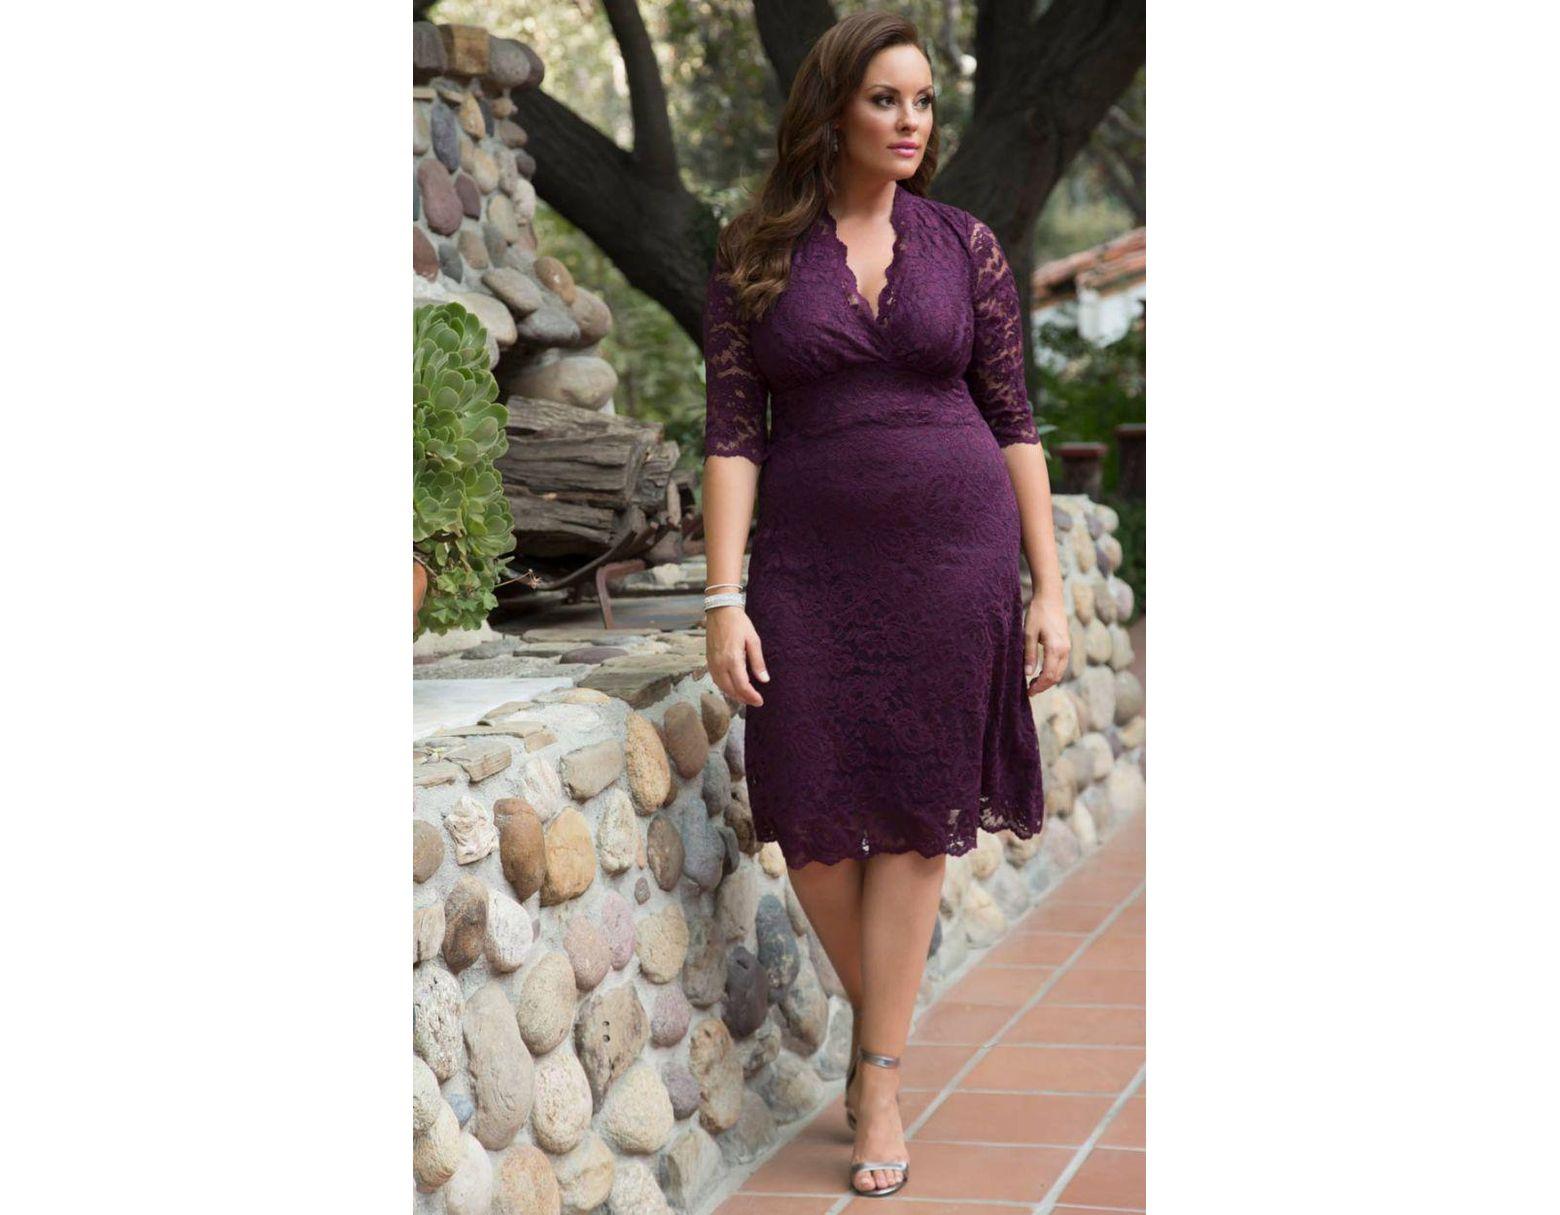 360b1561d3e Scalloped Boudoir Lace Plus Size Cocktail Dress - Gomes Weine AG